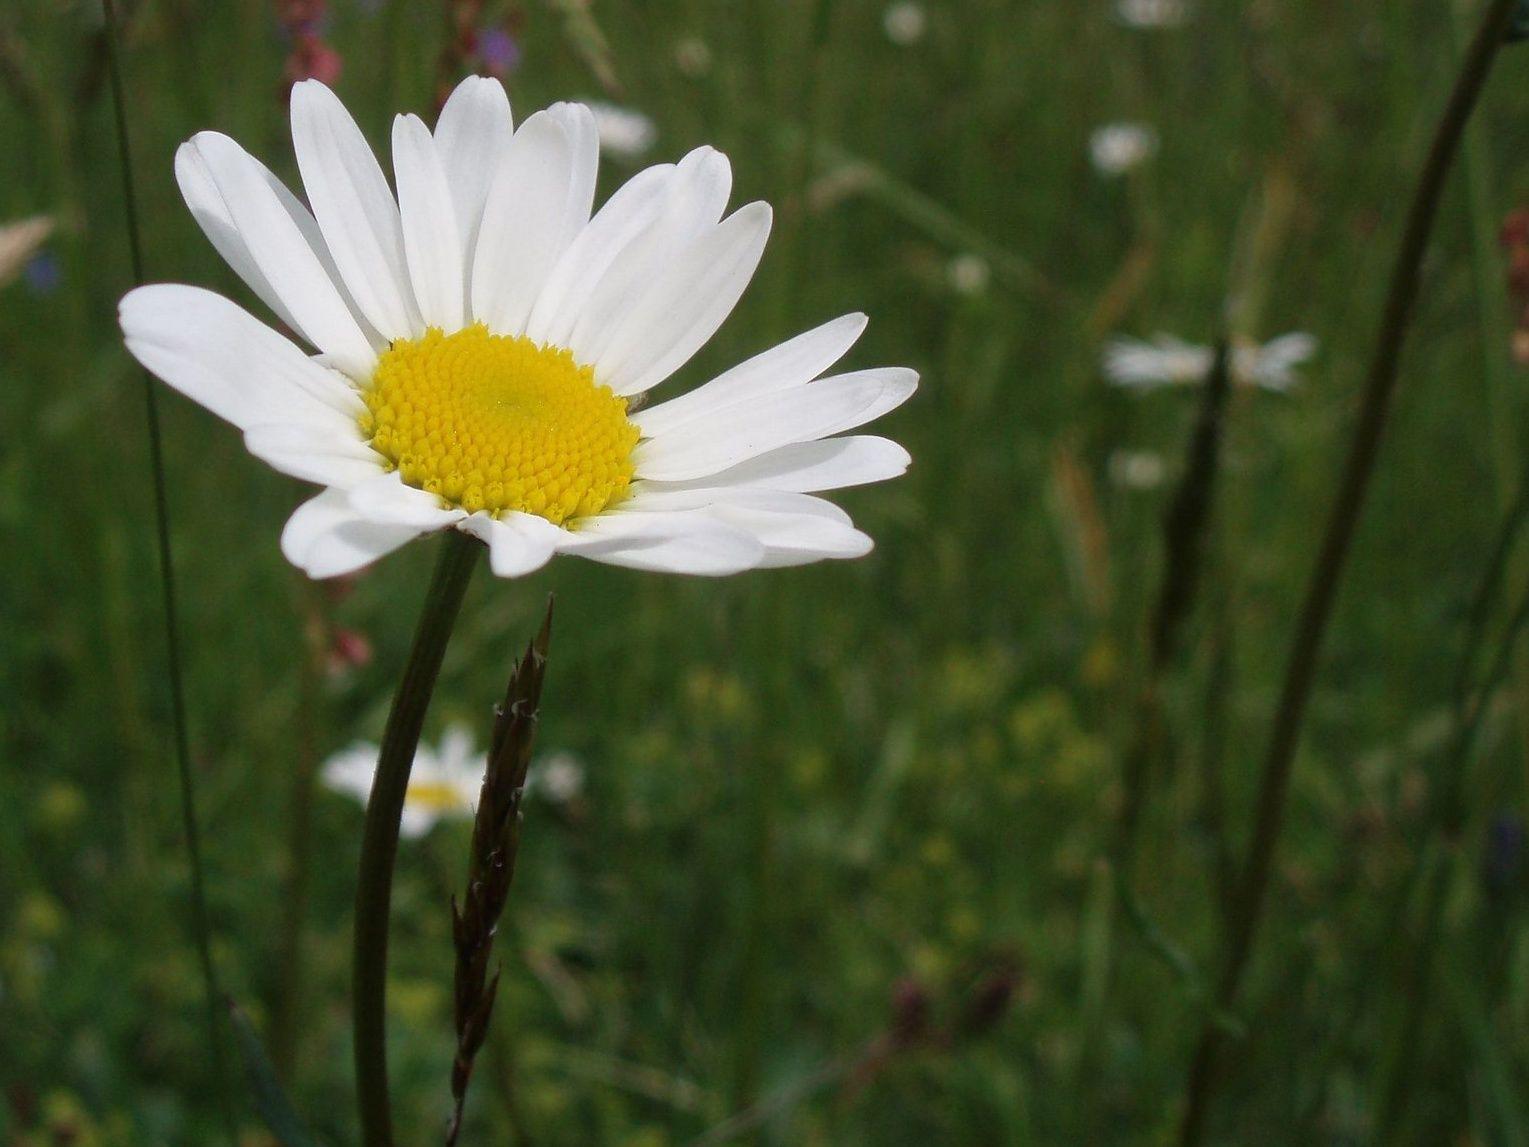 Neposečené části luk pomáhají zvýšit nejenom množství hmyzu, ale i druhovou pestrost